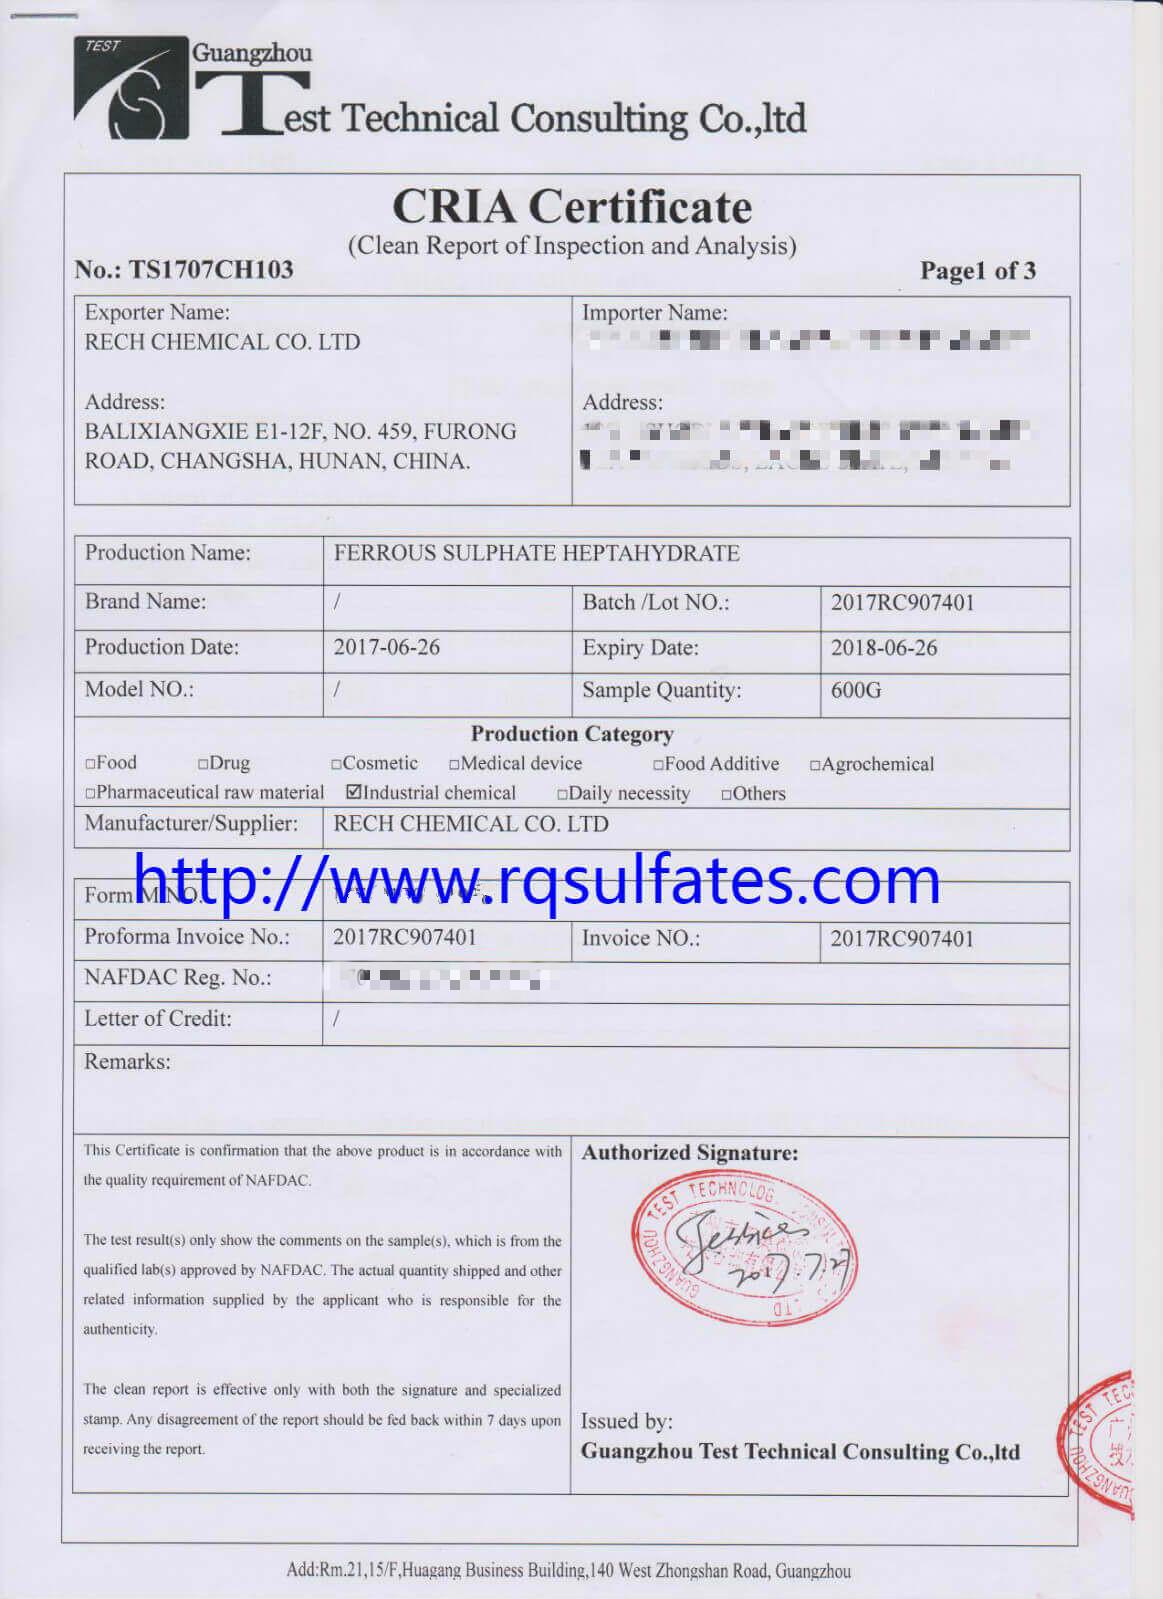 CRIA certificate.jpg